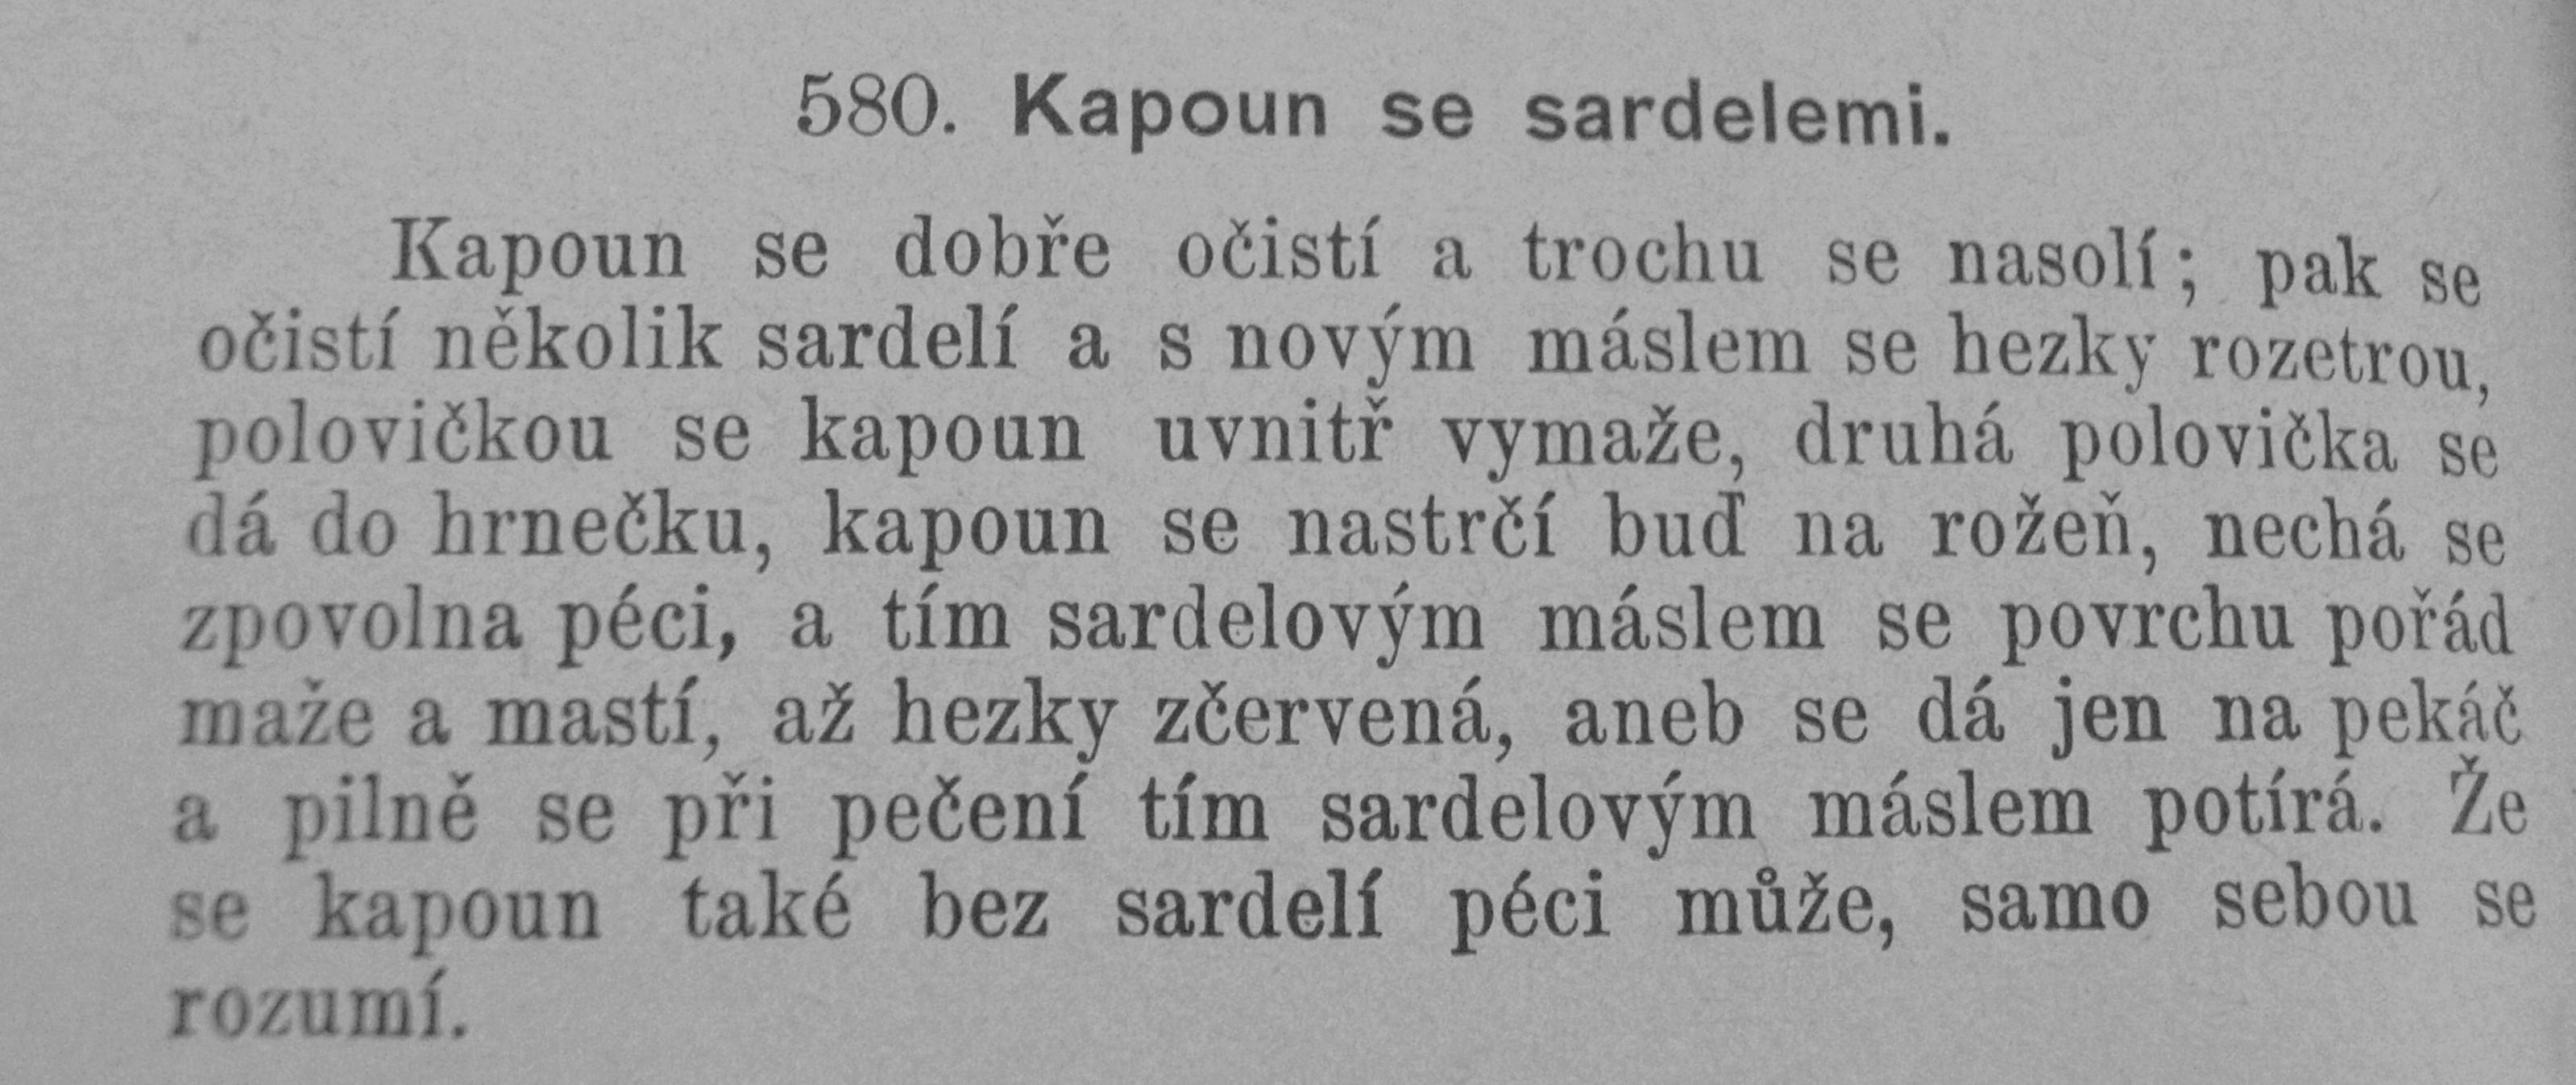 kapoun_rettigova.jpg